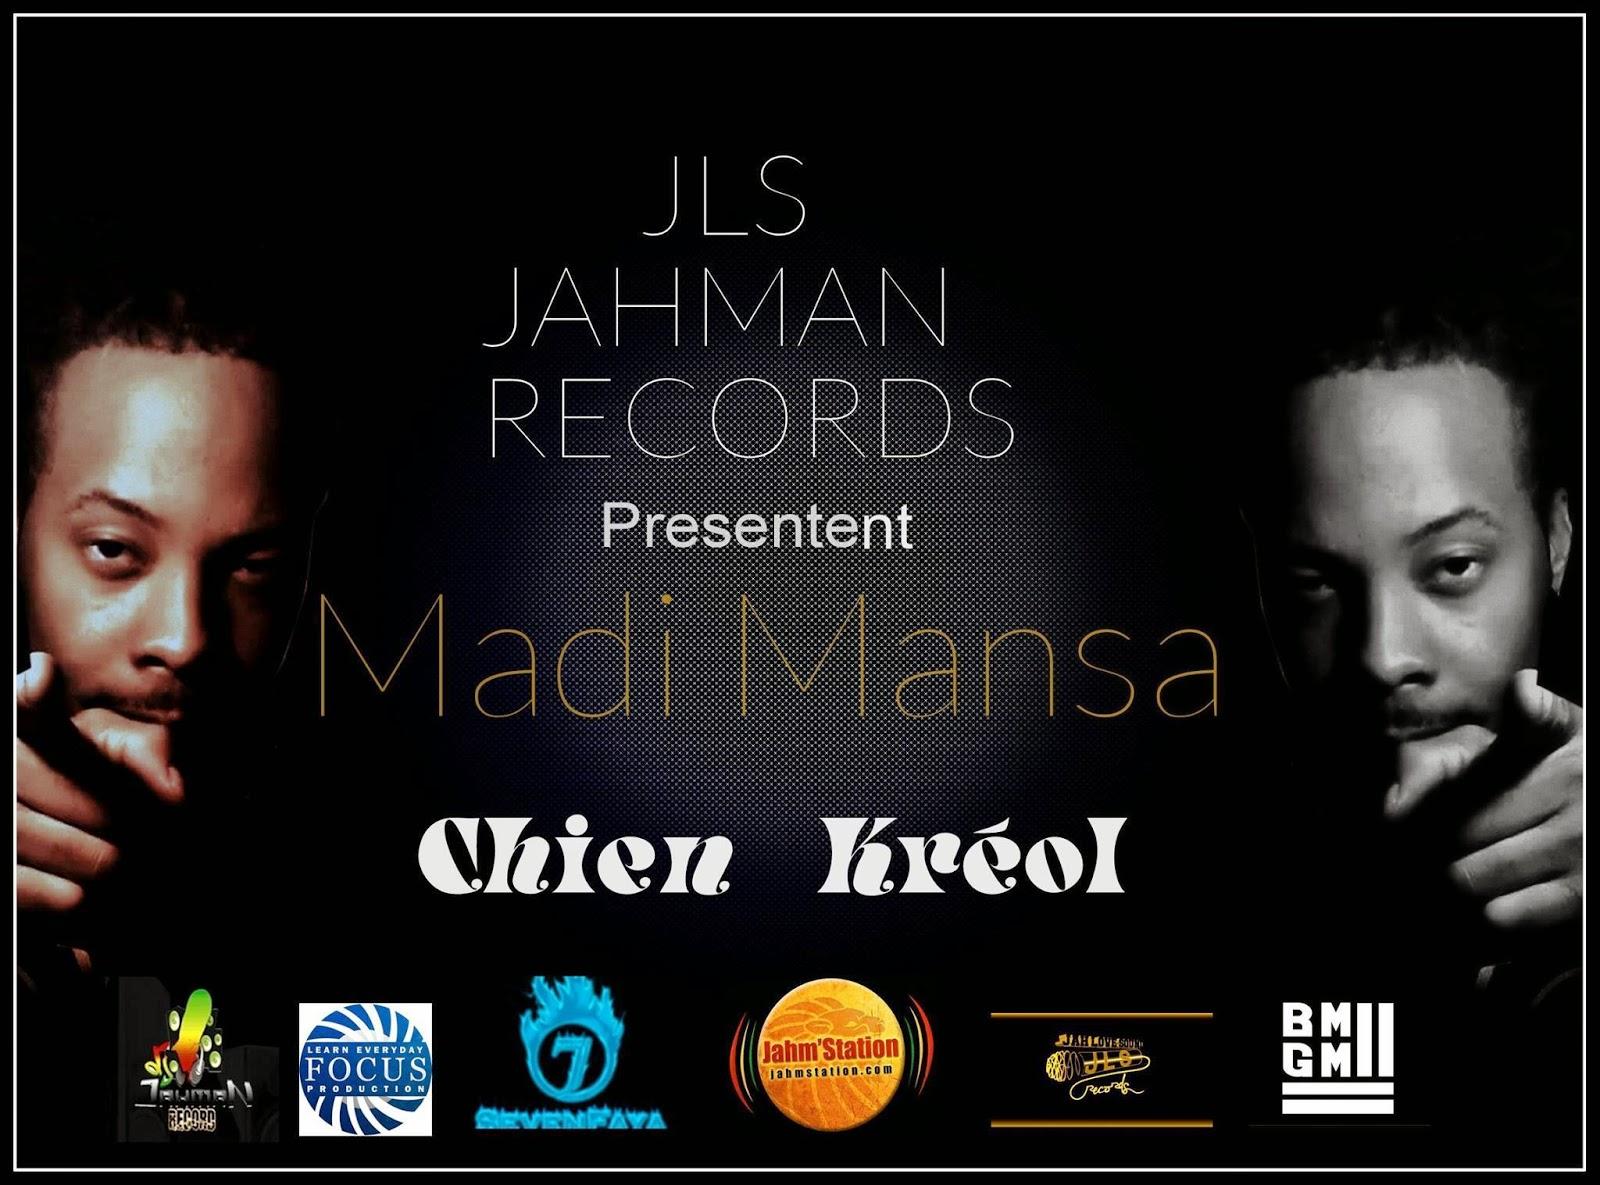 http://www.mediafire.com/listen/axmda04g2yd84e2/Madi+Mansa_-_Chien+Kr%C3%A9ol_-_By+J.L.S.R_-_www.jahmstation.com.mp3